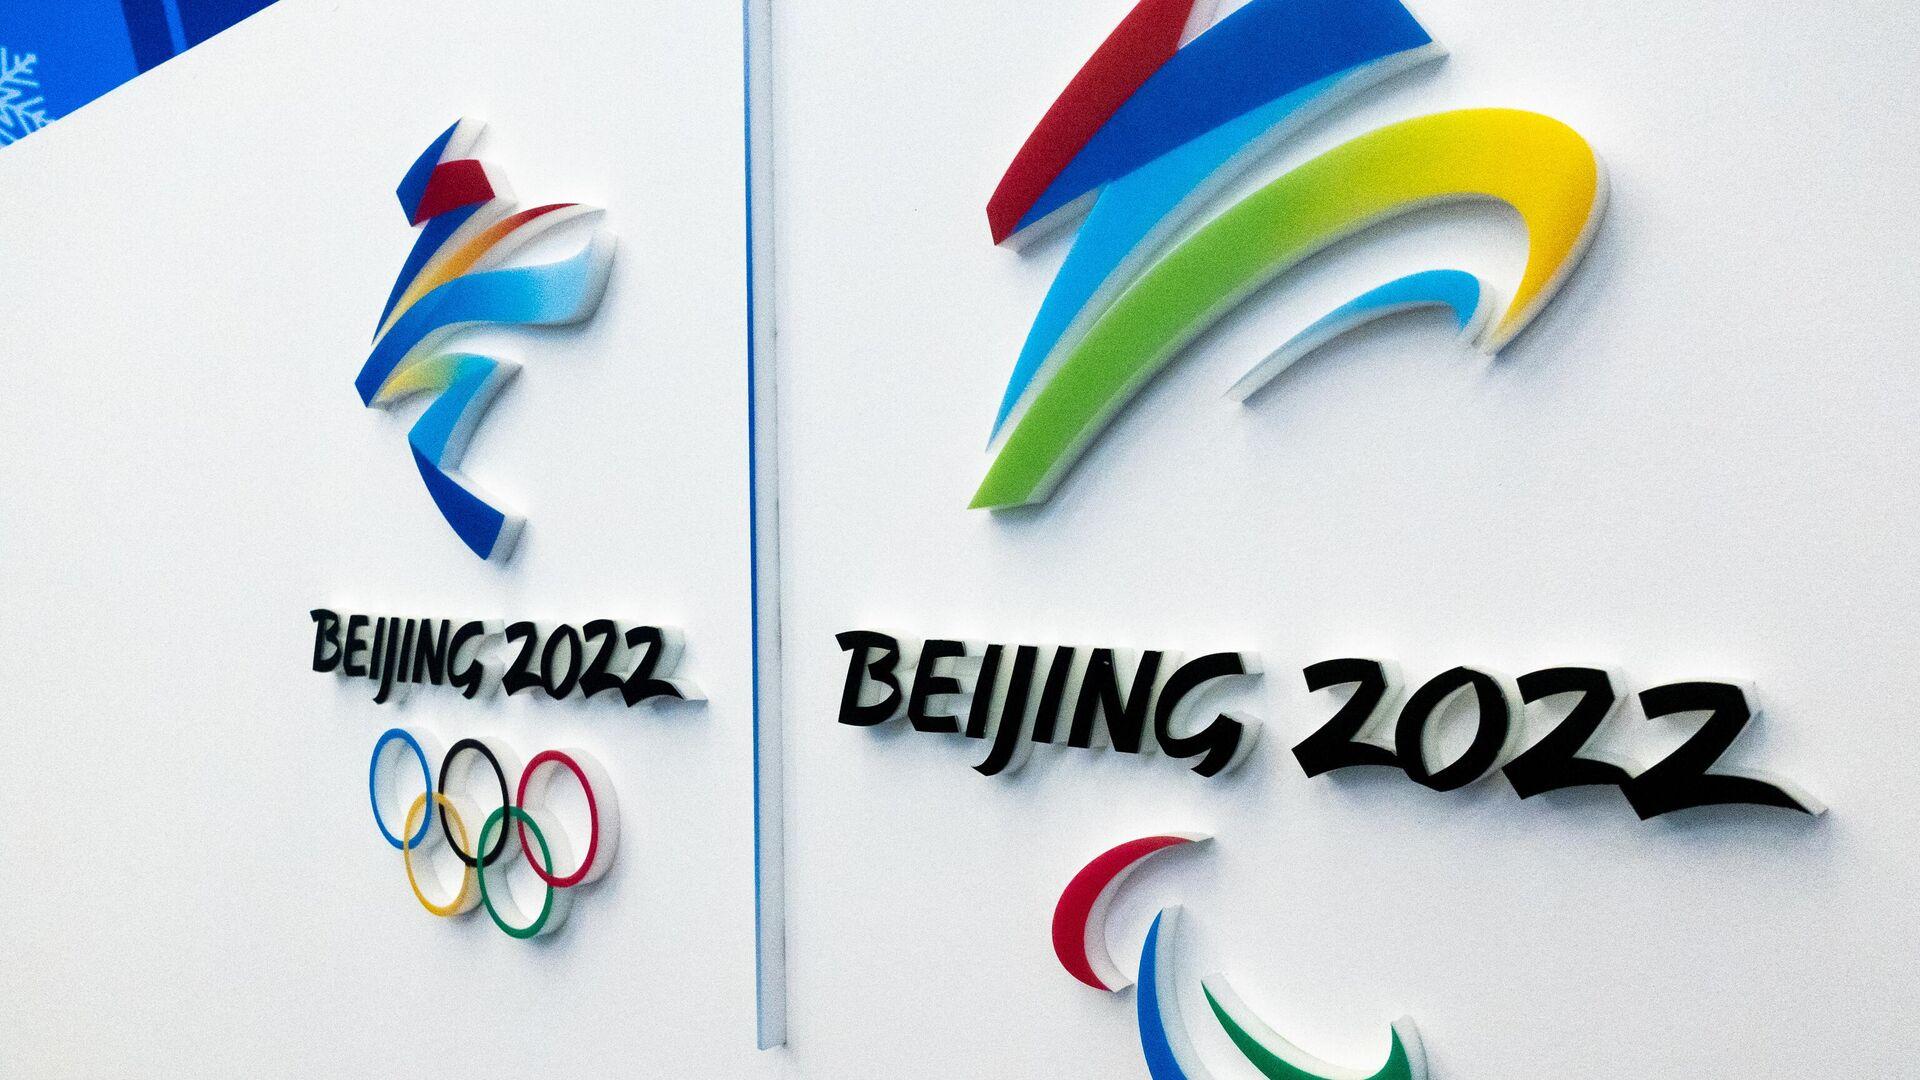 Зимние Олимпийские игры в Пекине - РИА Новости, 1920, 25.09.2021